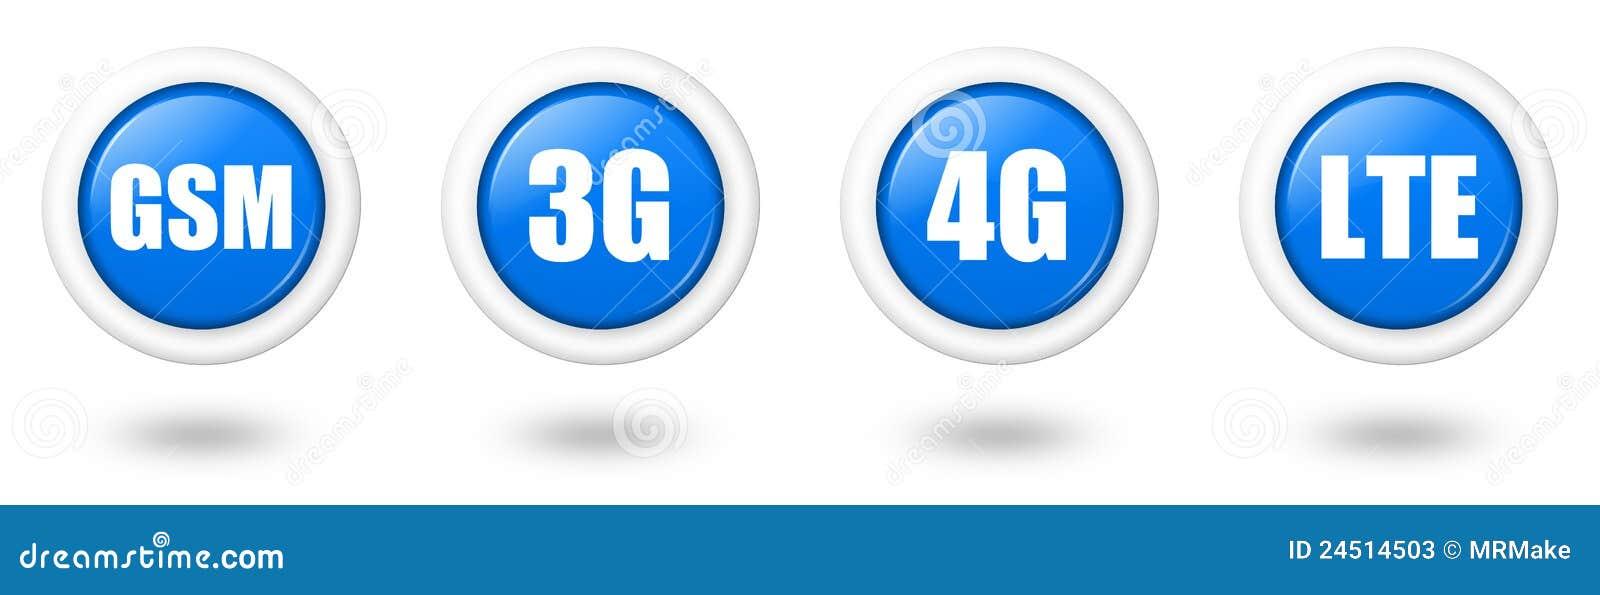 3g 4g błękitny gsm ikony lte se telekomunikacja